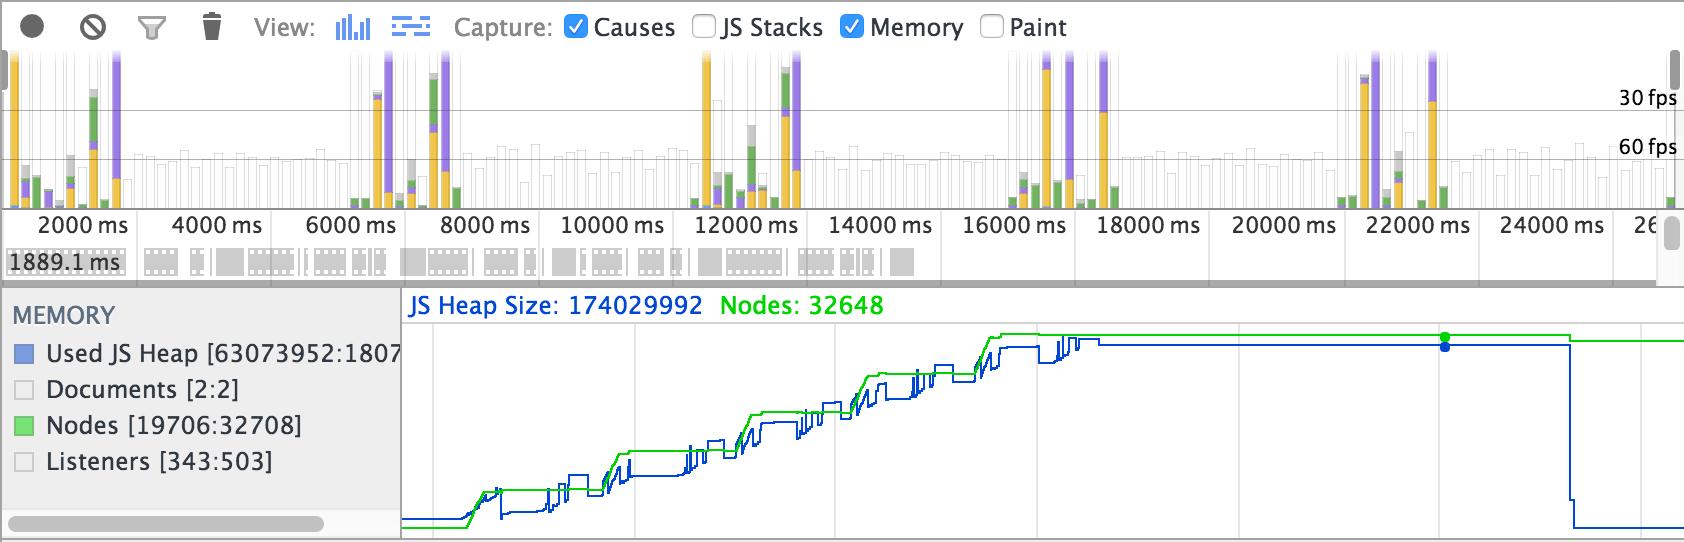 Cordovaでのメモリ使用量をどのように制御できますか?